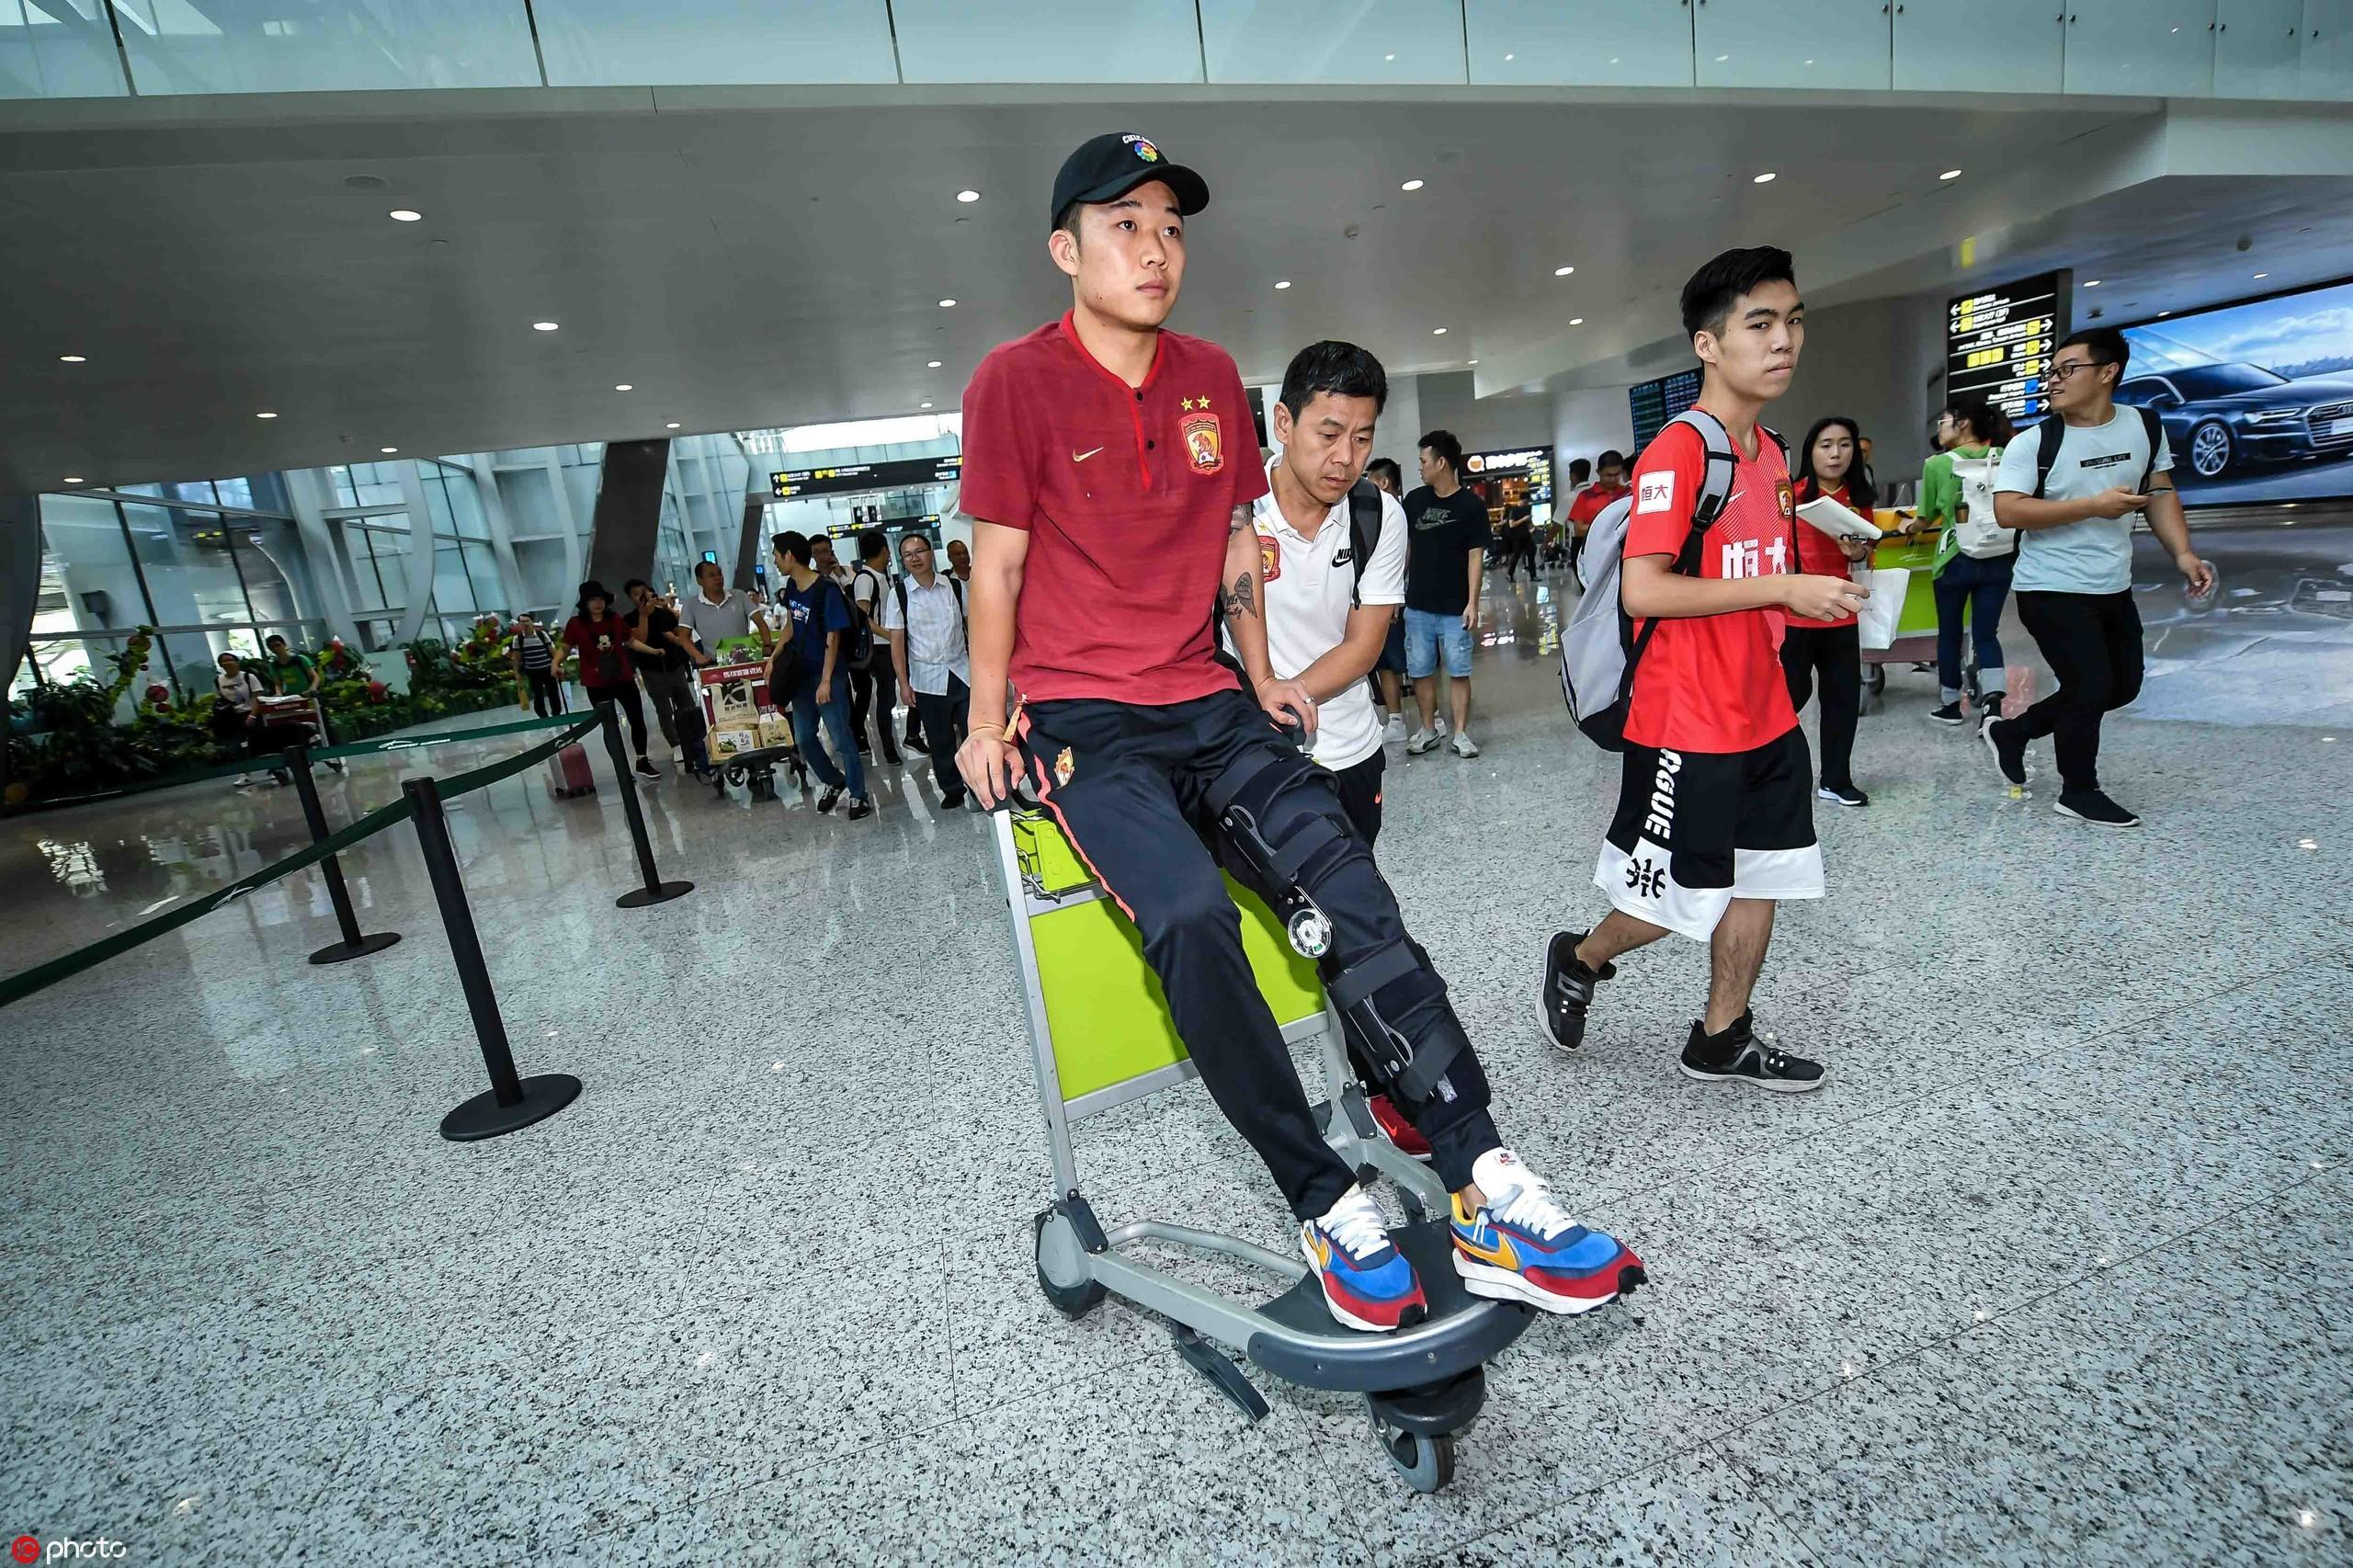 腿部受伤无法行走,严鼎皓用机场小推车临时充当轮椅